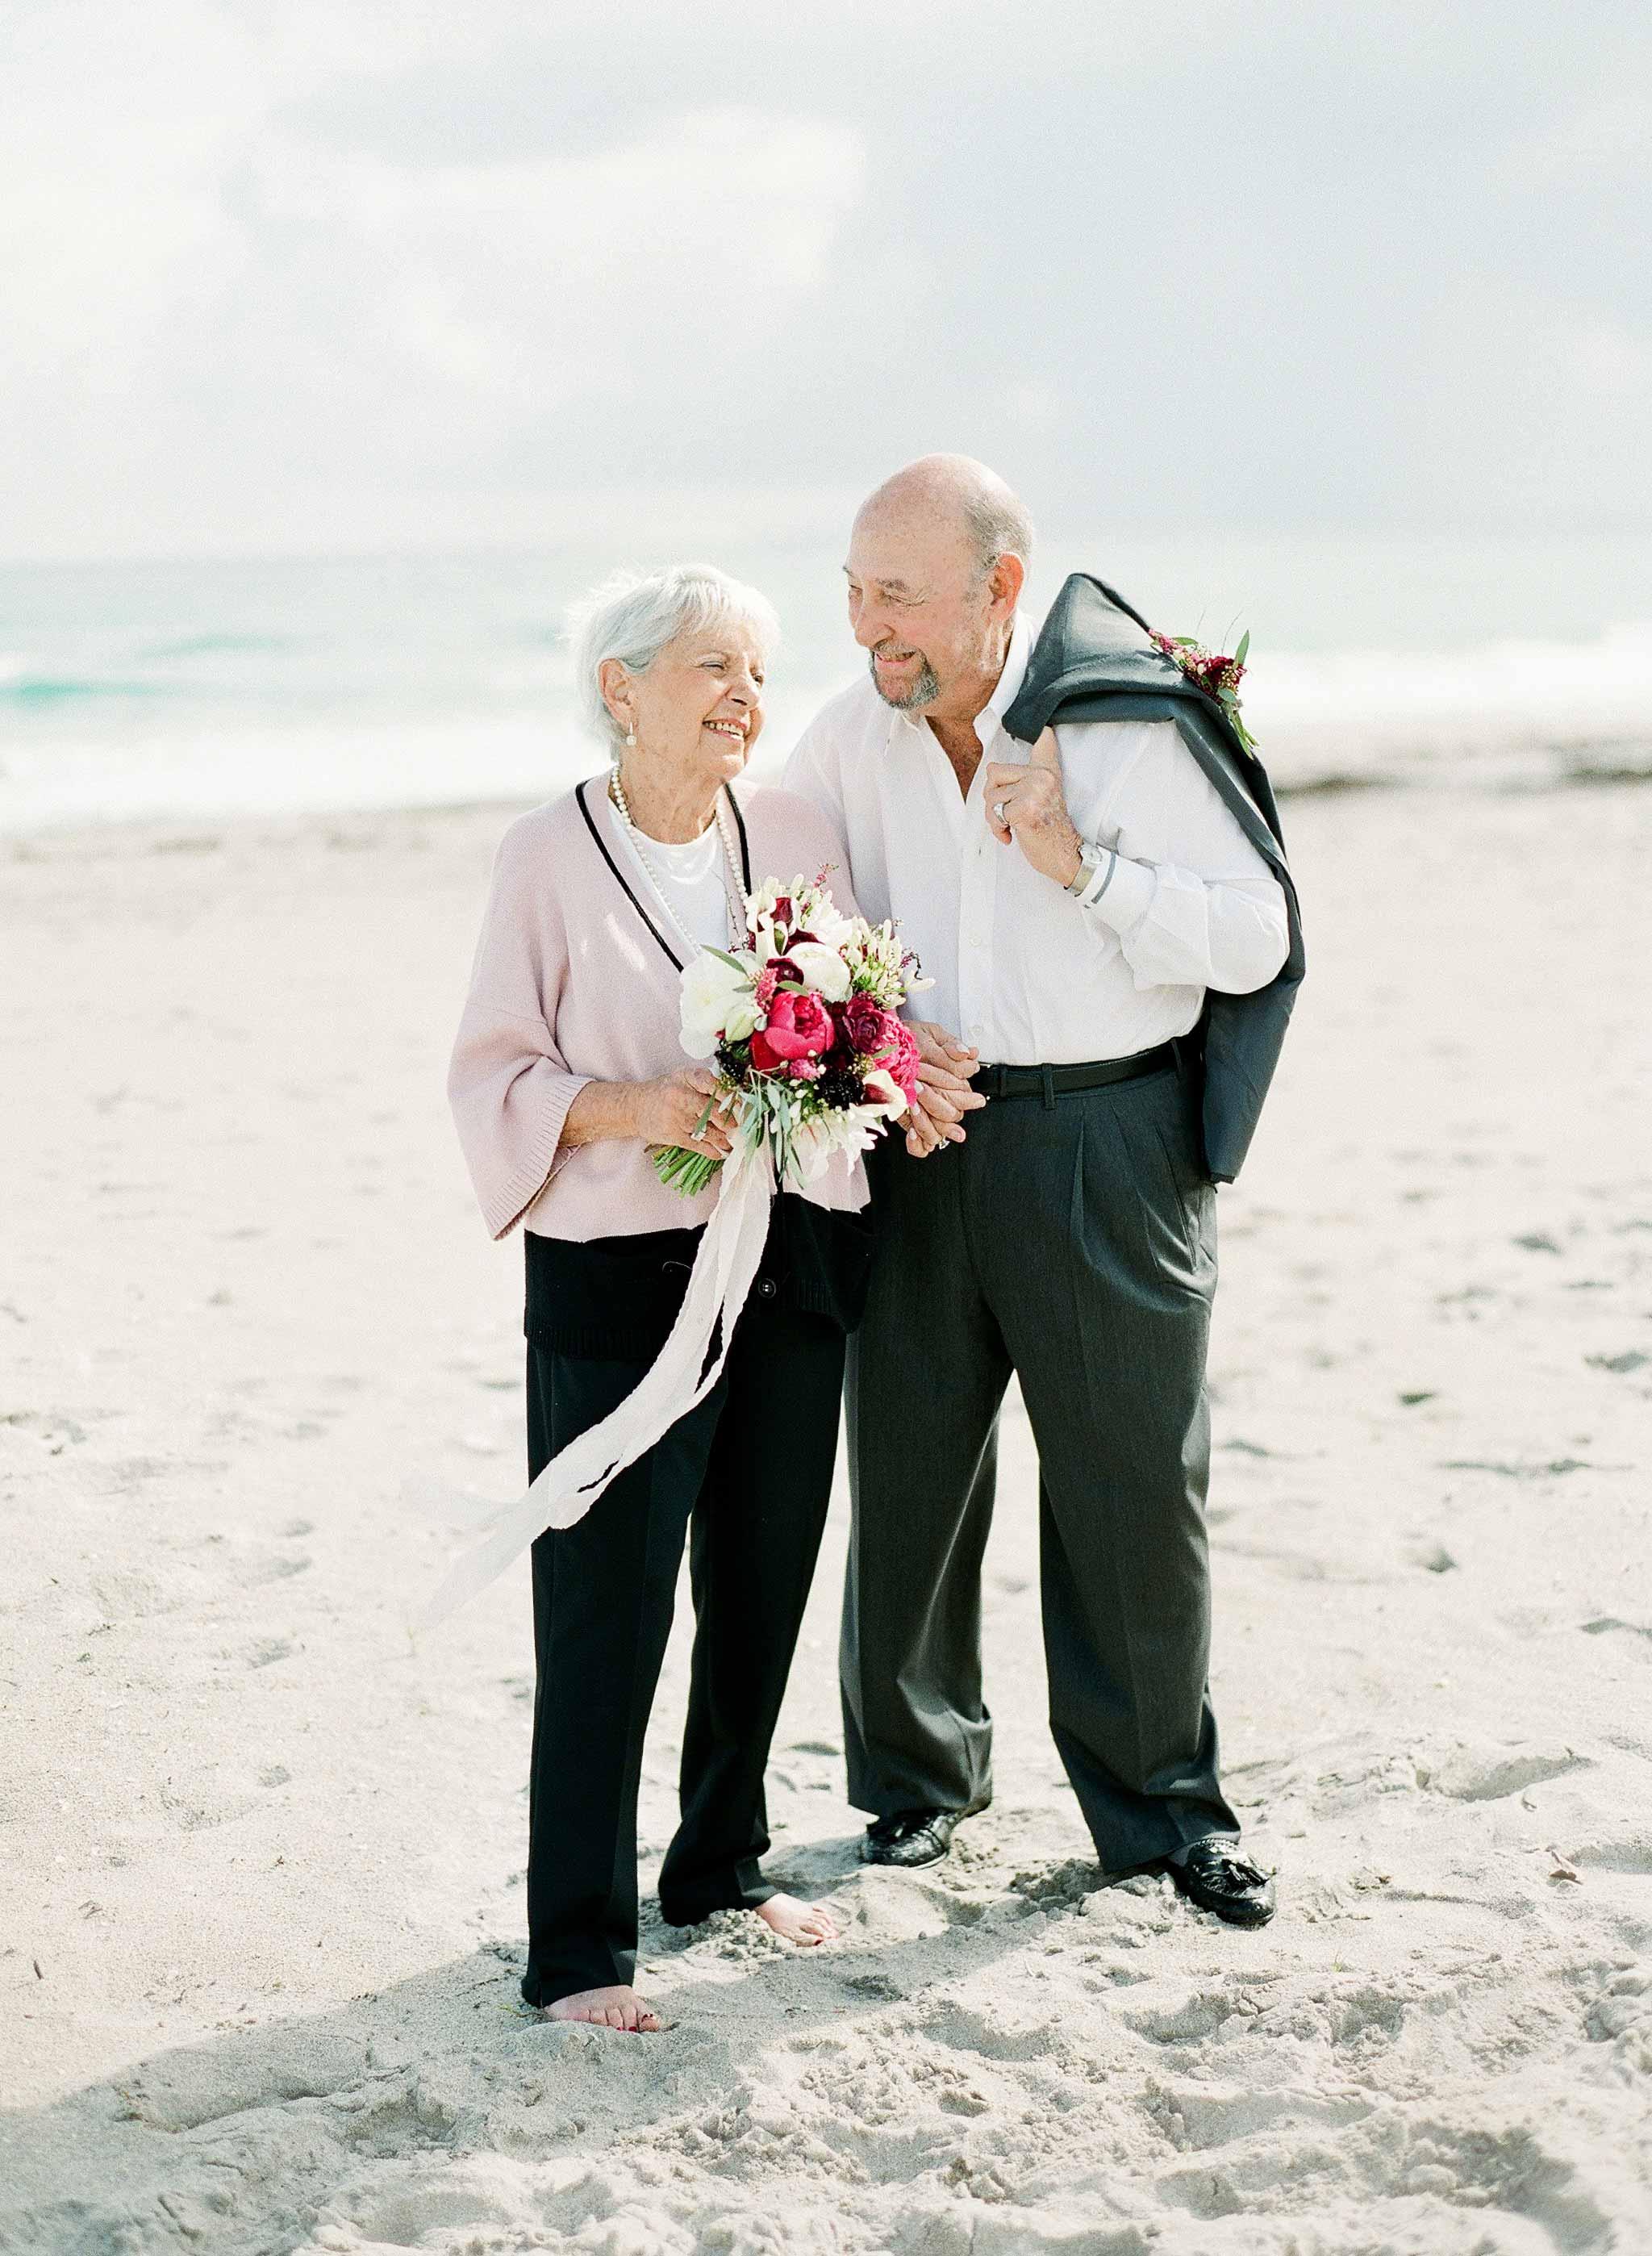 anniversary photo couple beach